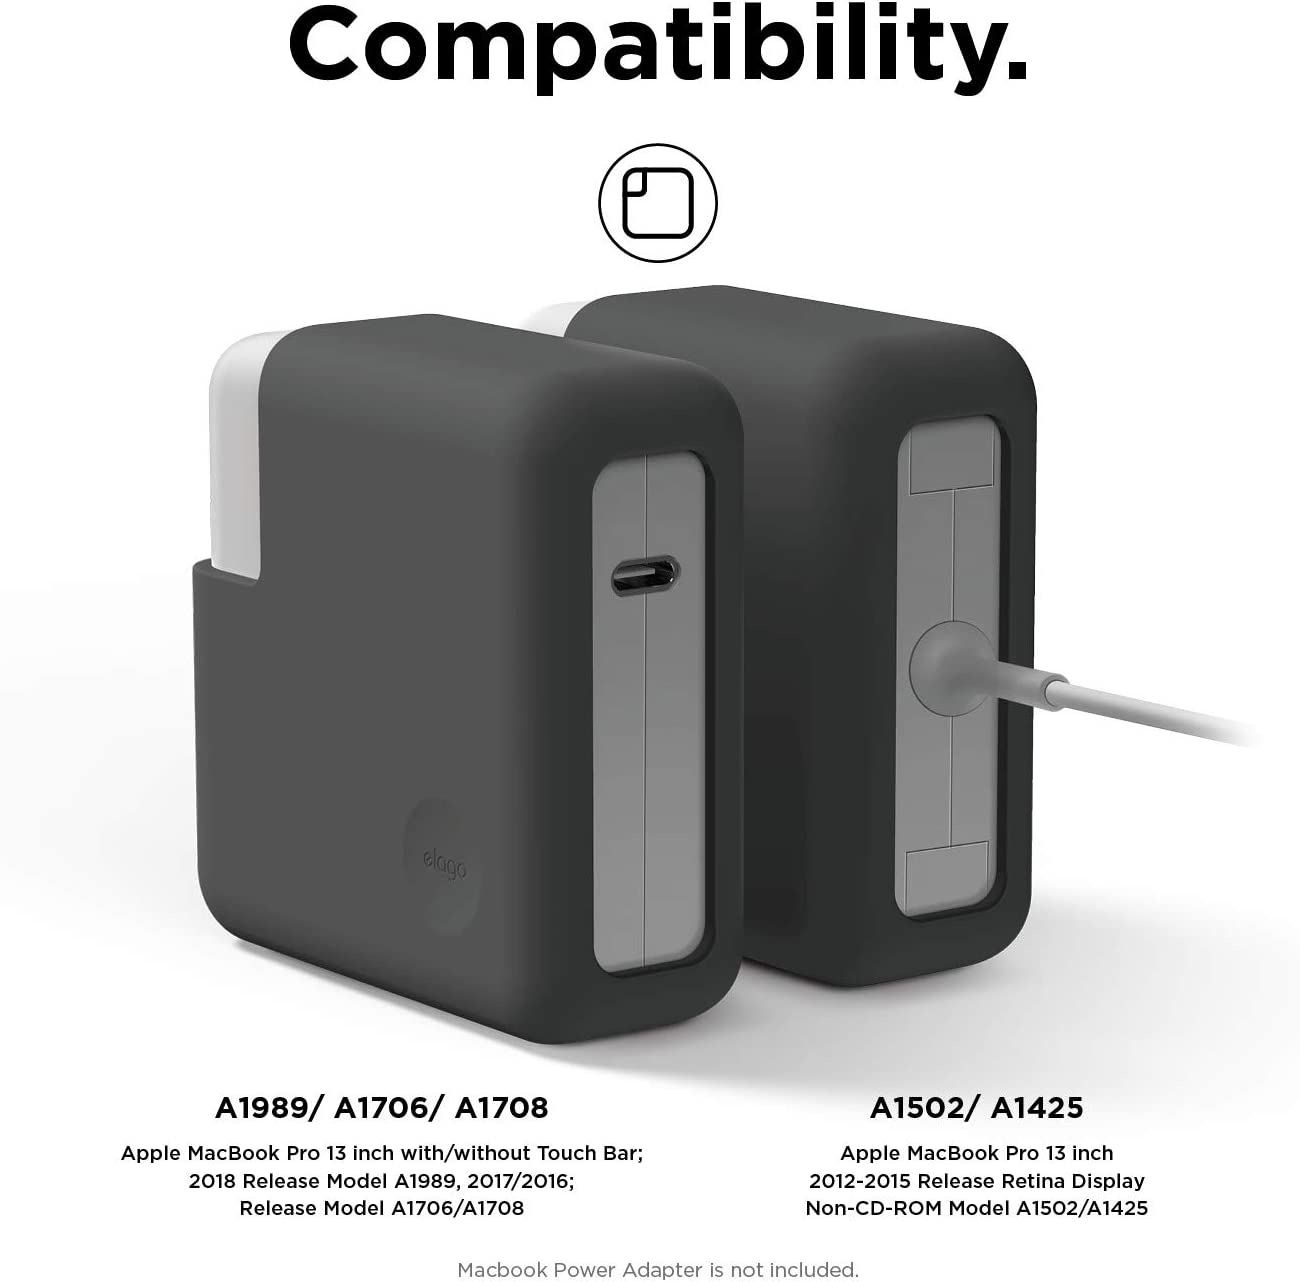 15 Touche Bar et Touch ID USB-C Thunderbolt 3 elago /Étui pour MacBook Pro Chargeur Adaptateur Compatible avec MacBook Pro 2019 16 Pouces - Blanc Classique A2141, A1990, A1707, A1398